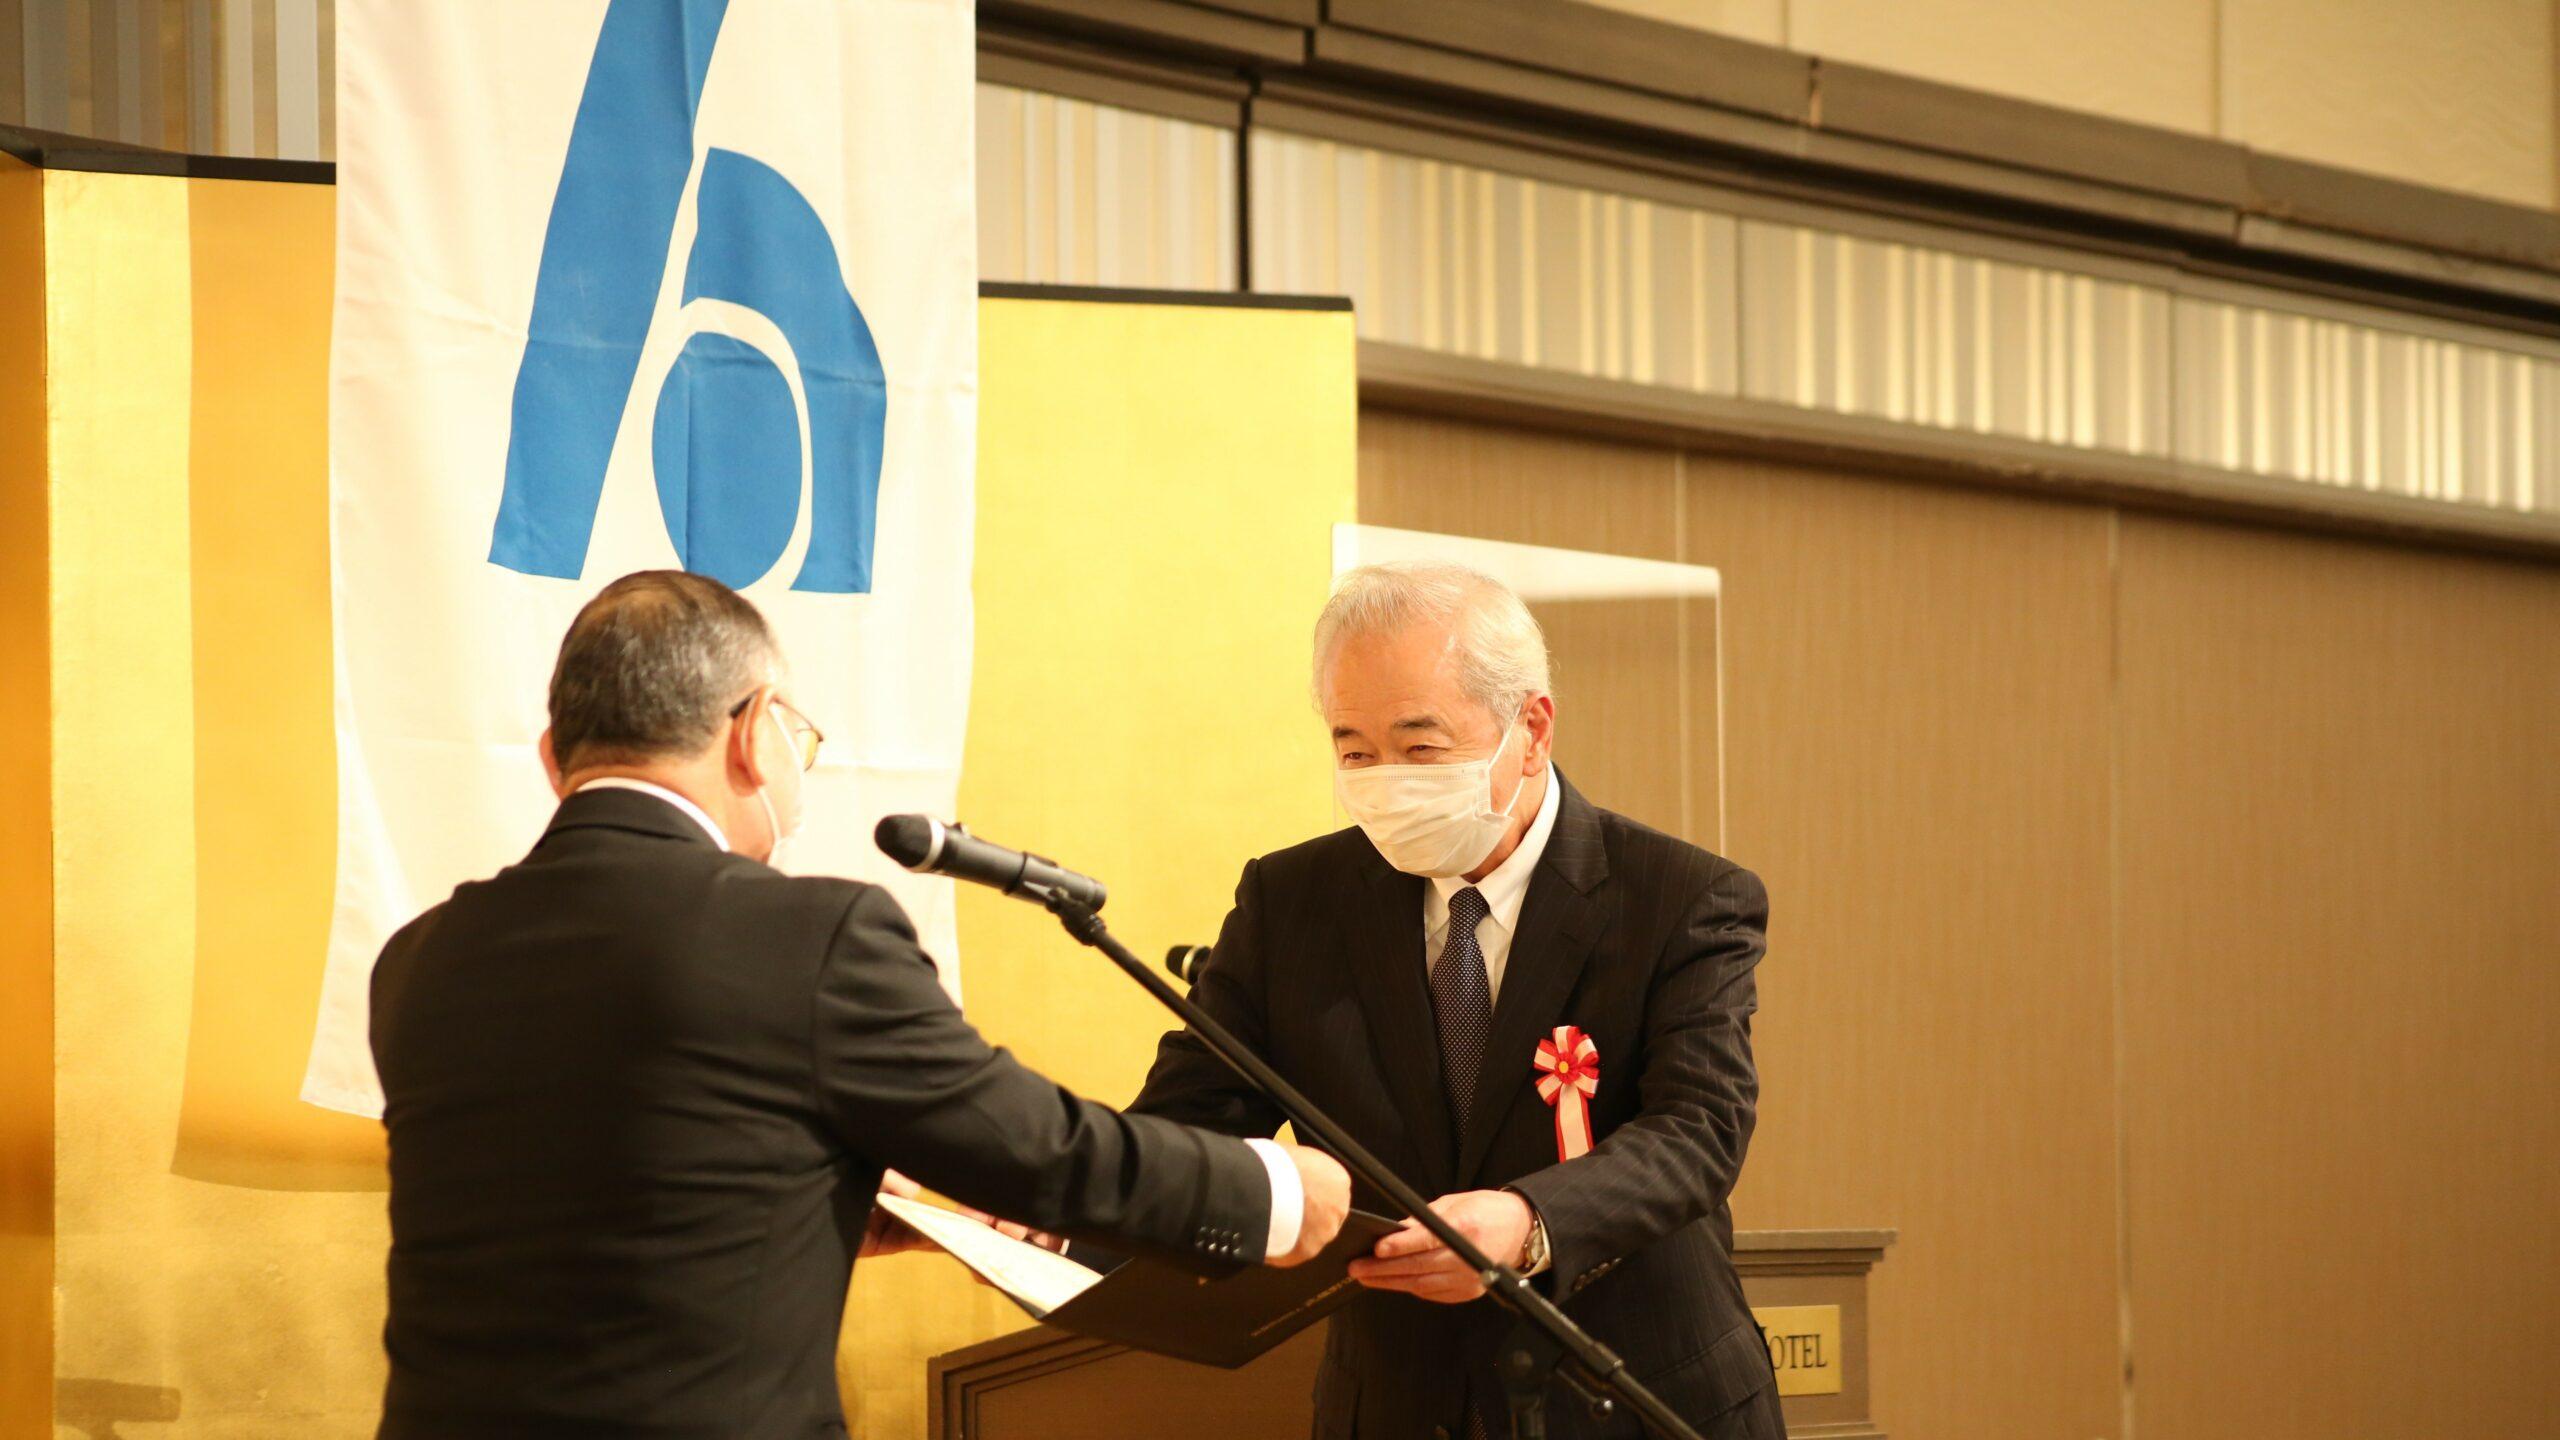 公益社団法人武蔵野法人会様より特別功労表彰を受けました